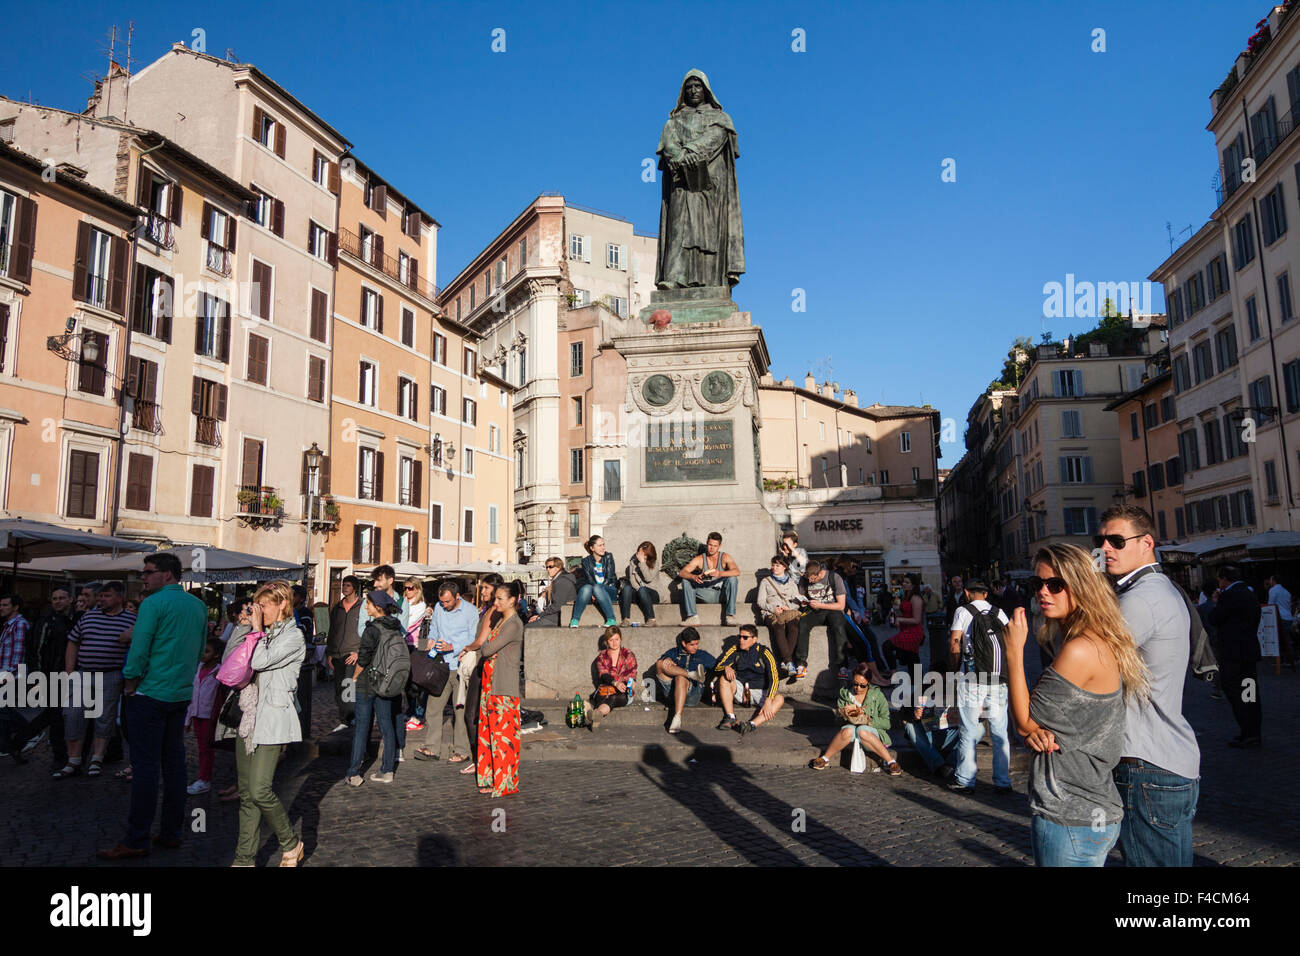 People next to the Giordano Bruno statue at Campo de Fiori square, Rome, Italy - Stock Image